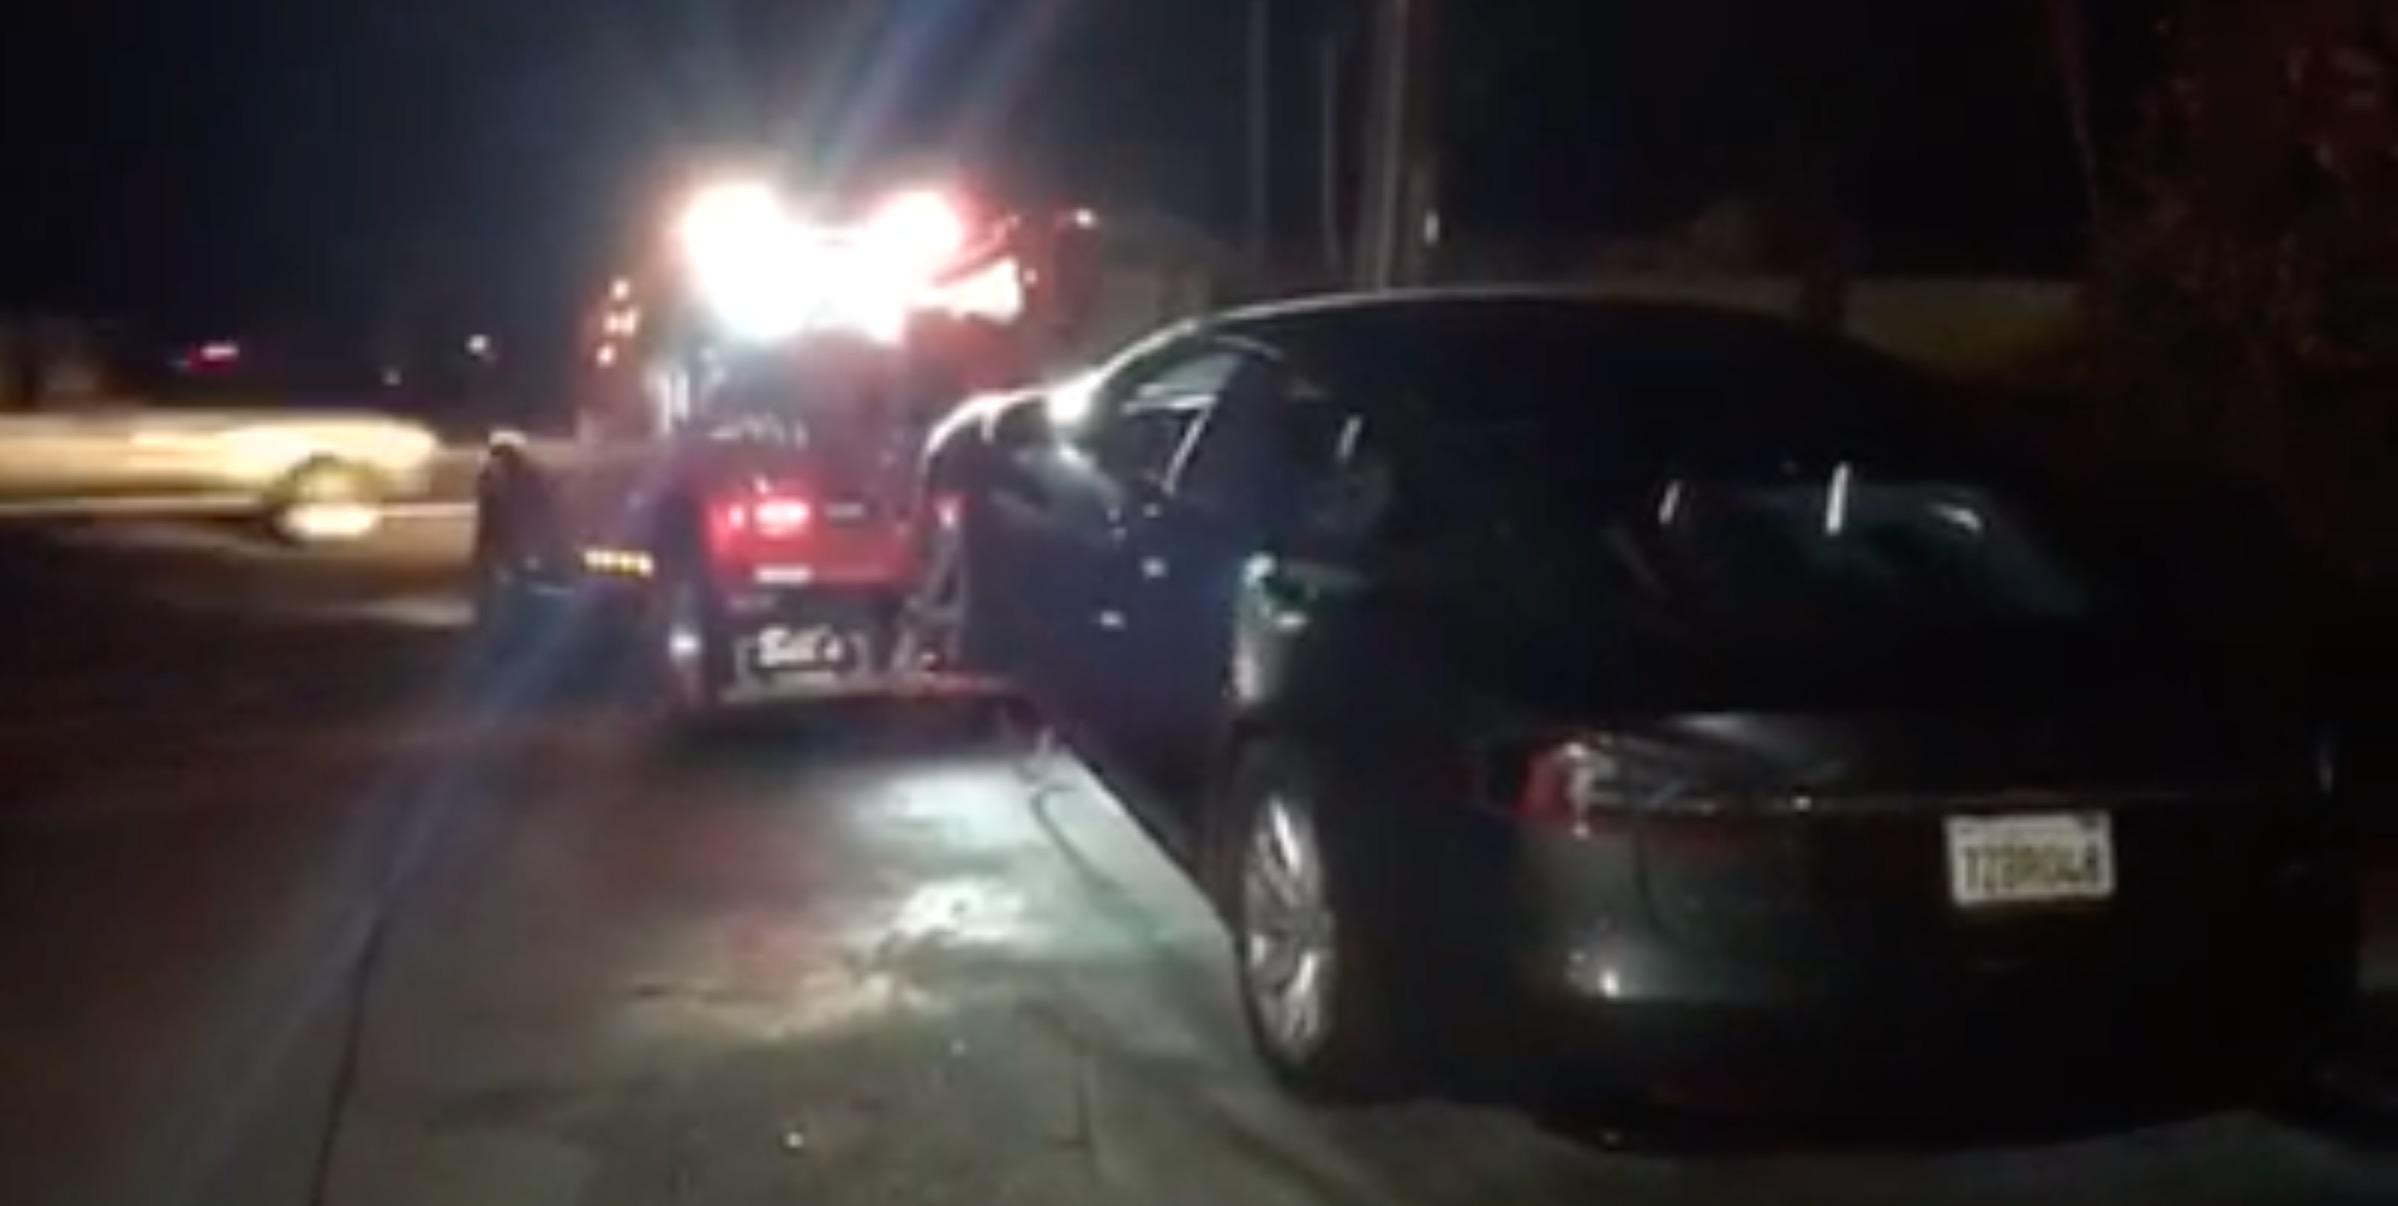 Kuriózna naháňačka - Policajti nevedeli zastaviť spiaceho vodiča Tesly s autopilotom!